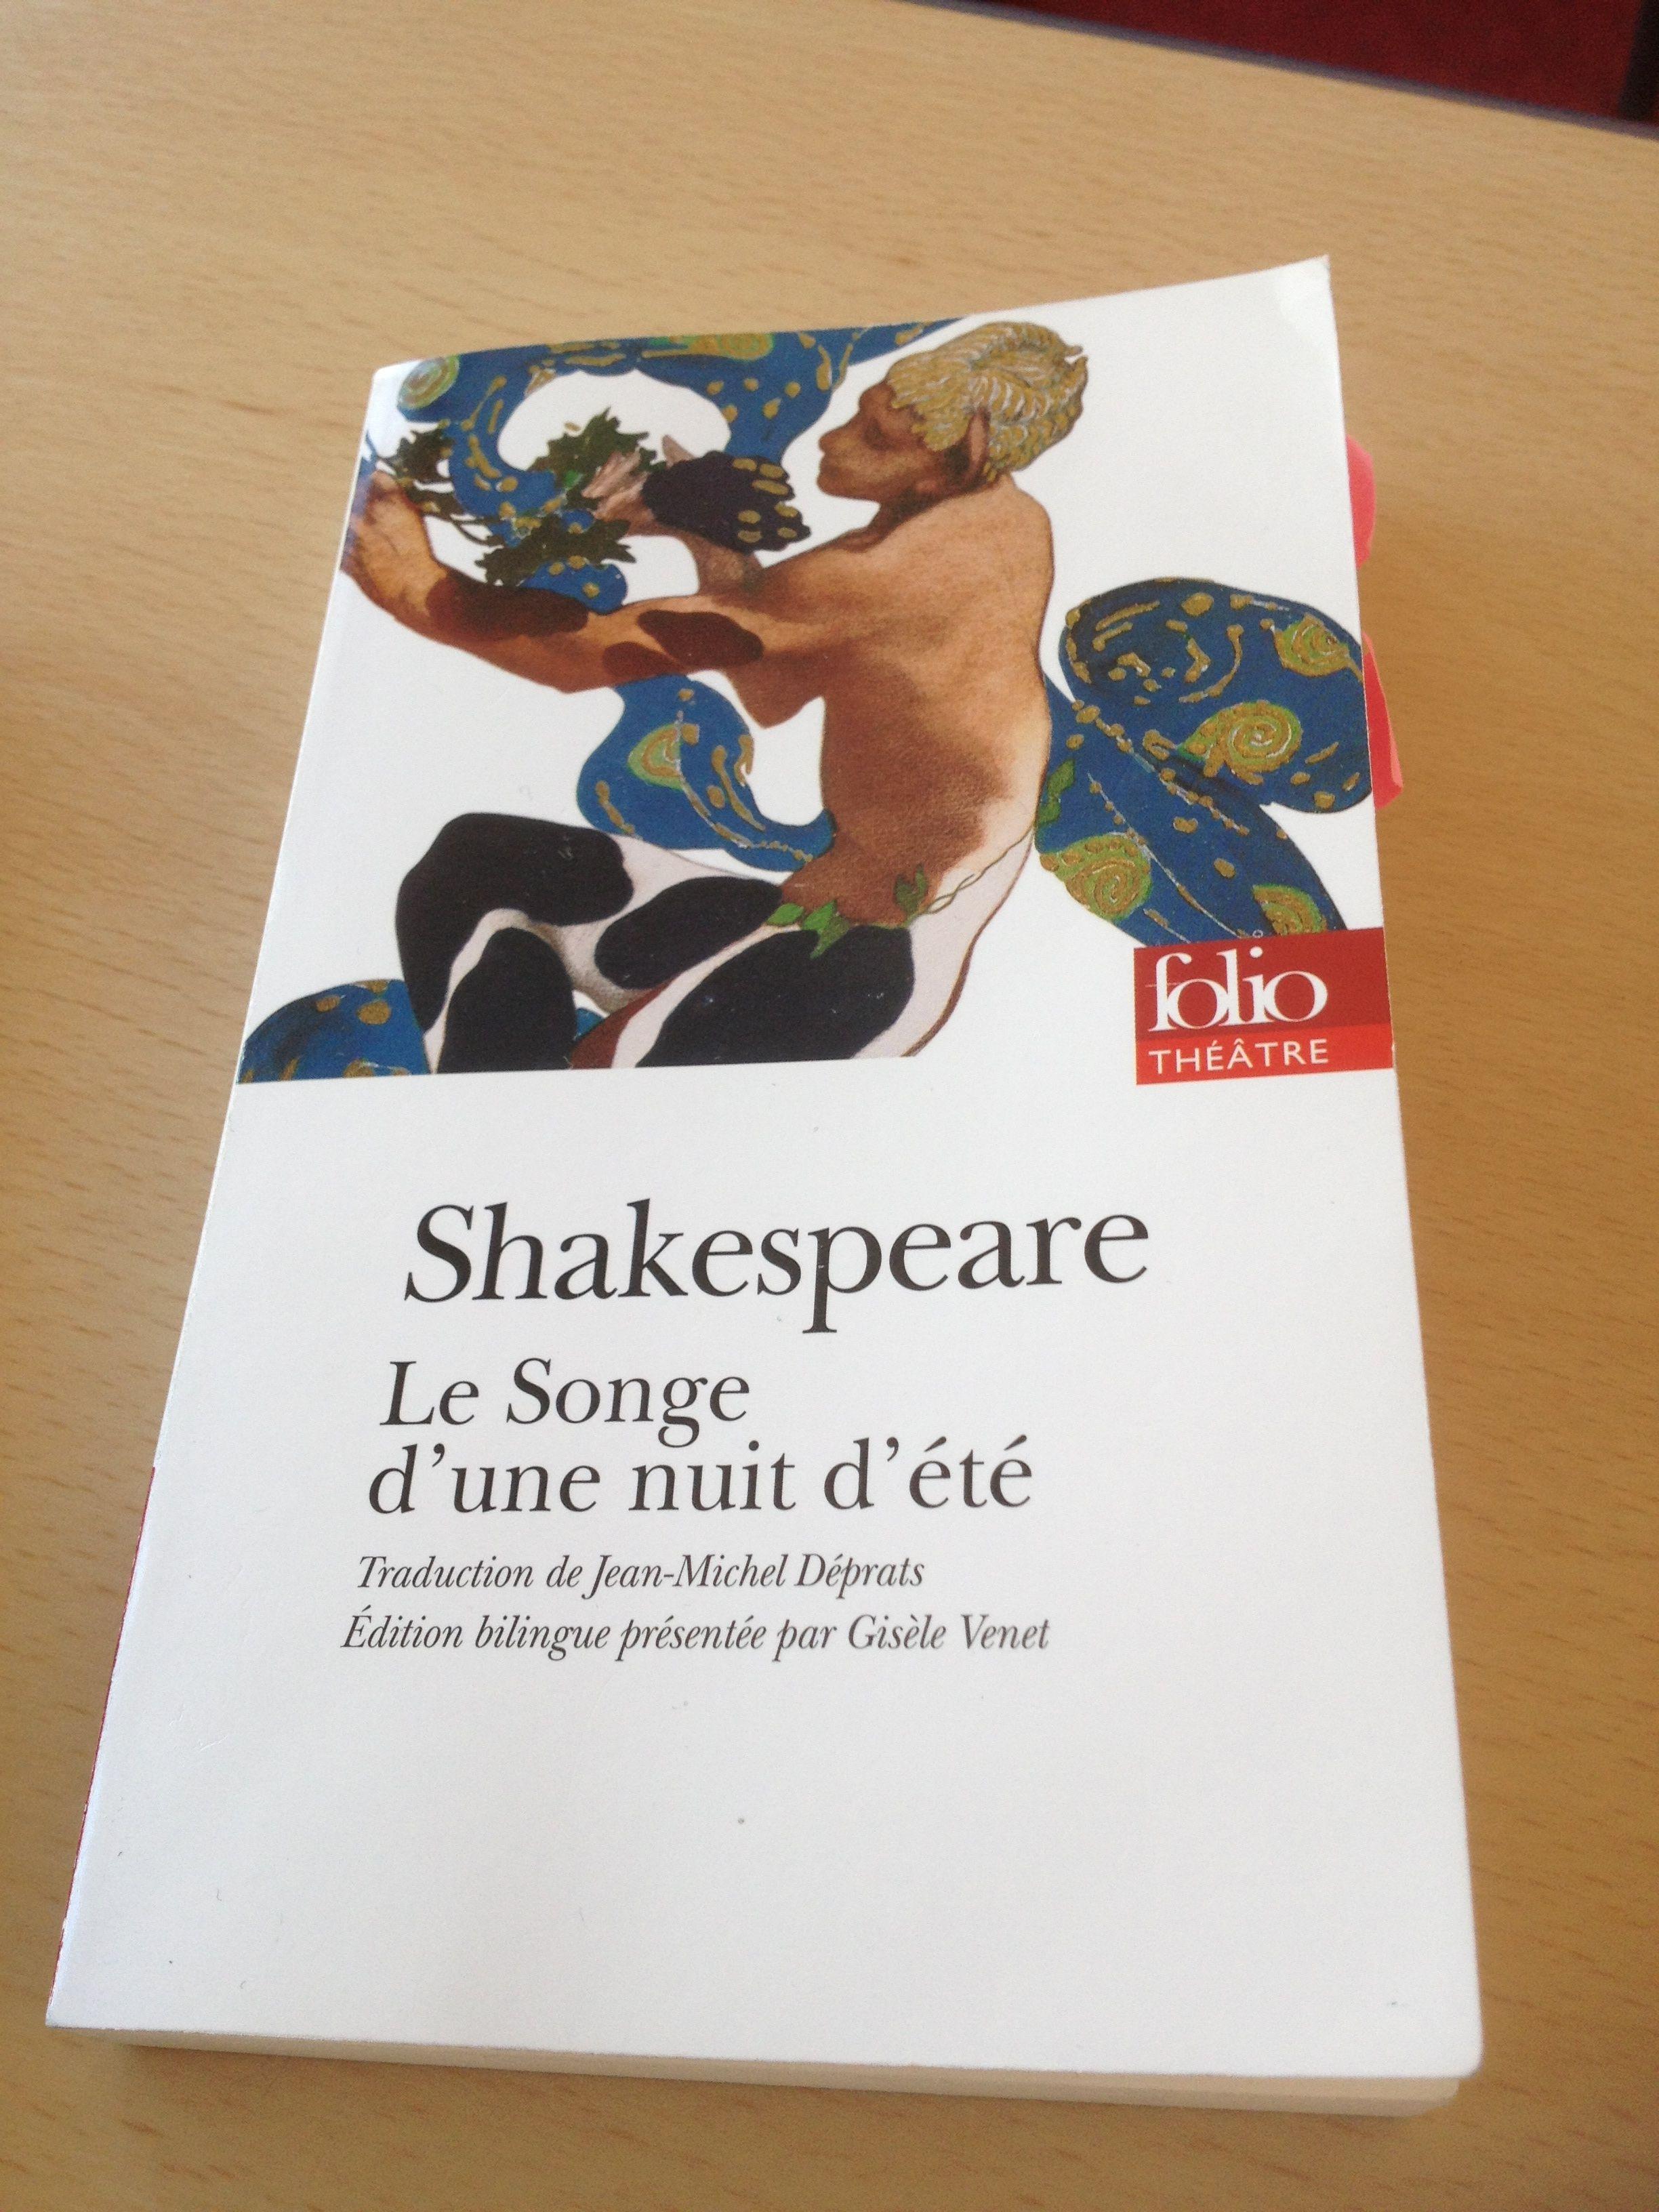 Magie, comique, tragédie, leçons de vie! Tout y est ! Du grand Shakespeare. Merci à Voltaire d'avoir ramené Shakespeare dans ses valises, après son exil en Angleterre ...